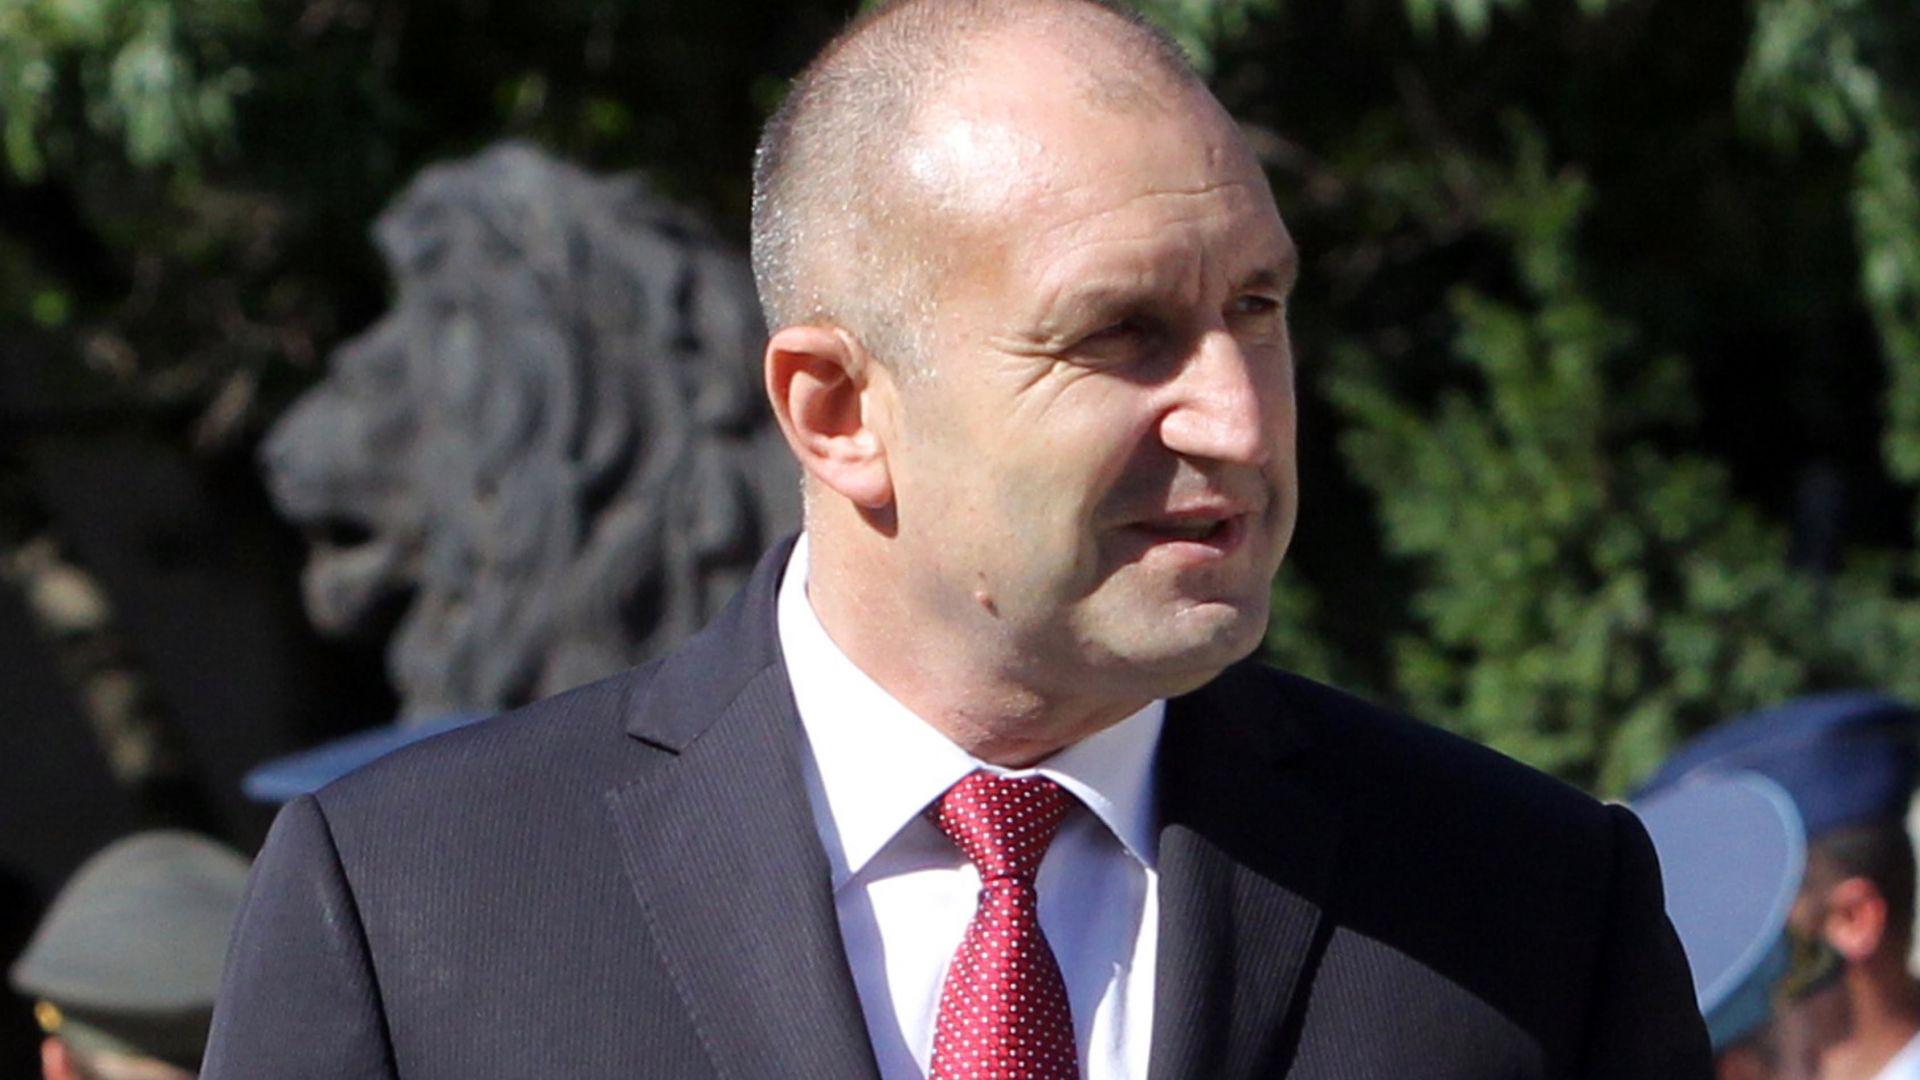 Президентът: Нека вярата, че България ще пребъде, ни дава сили да чертаем бъдещето